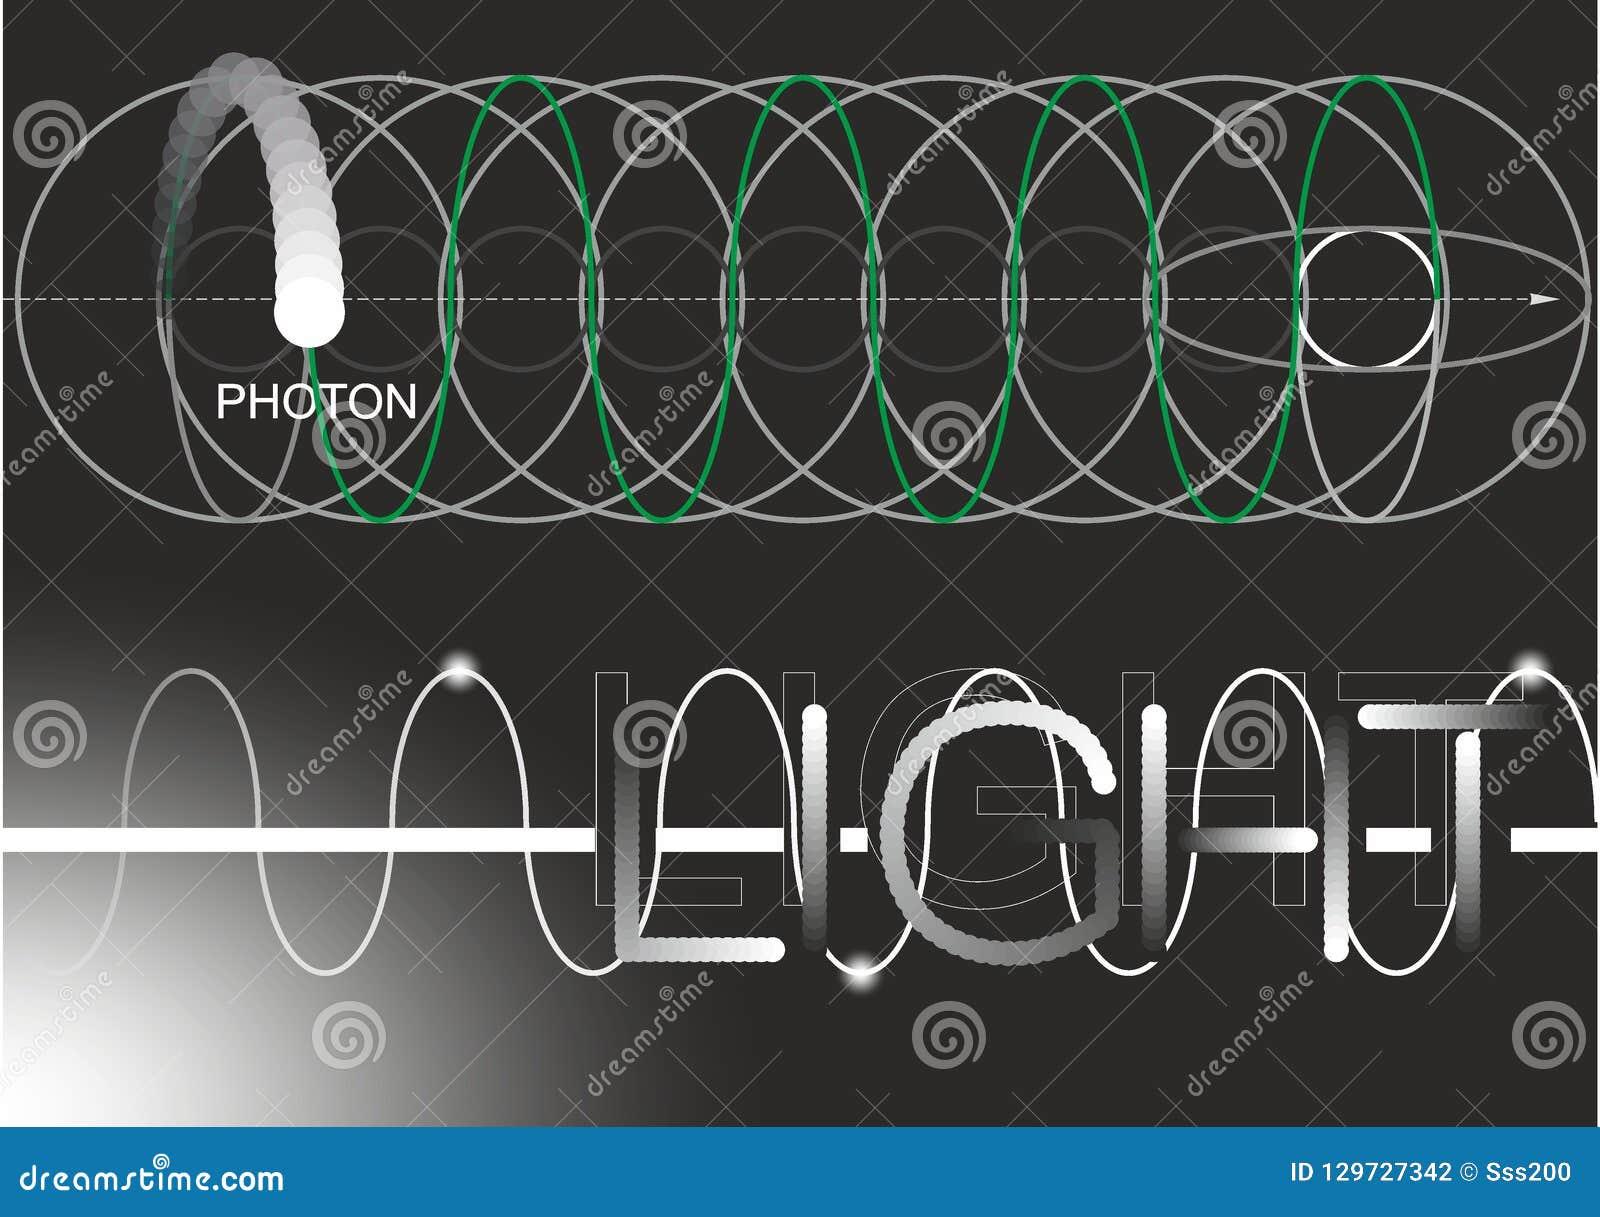 Foton ljus, elektron, fysik, vetenskap, teckning, teckning, mörker, vakuum, partikel, utstrålning, mörker, svart, fråga, våg, kno